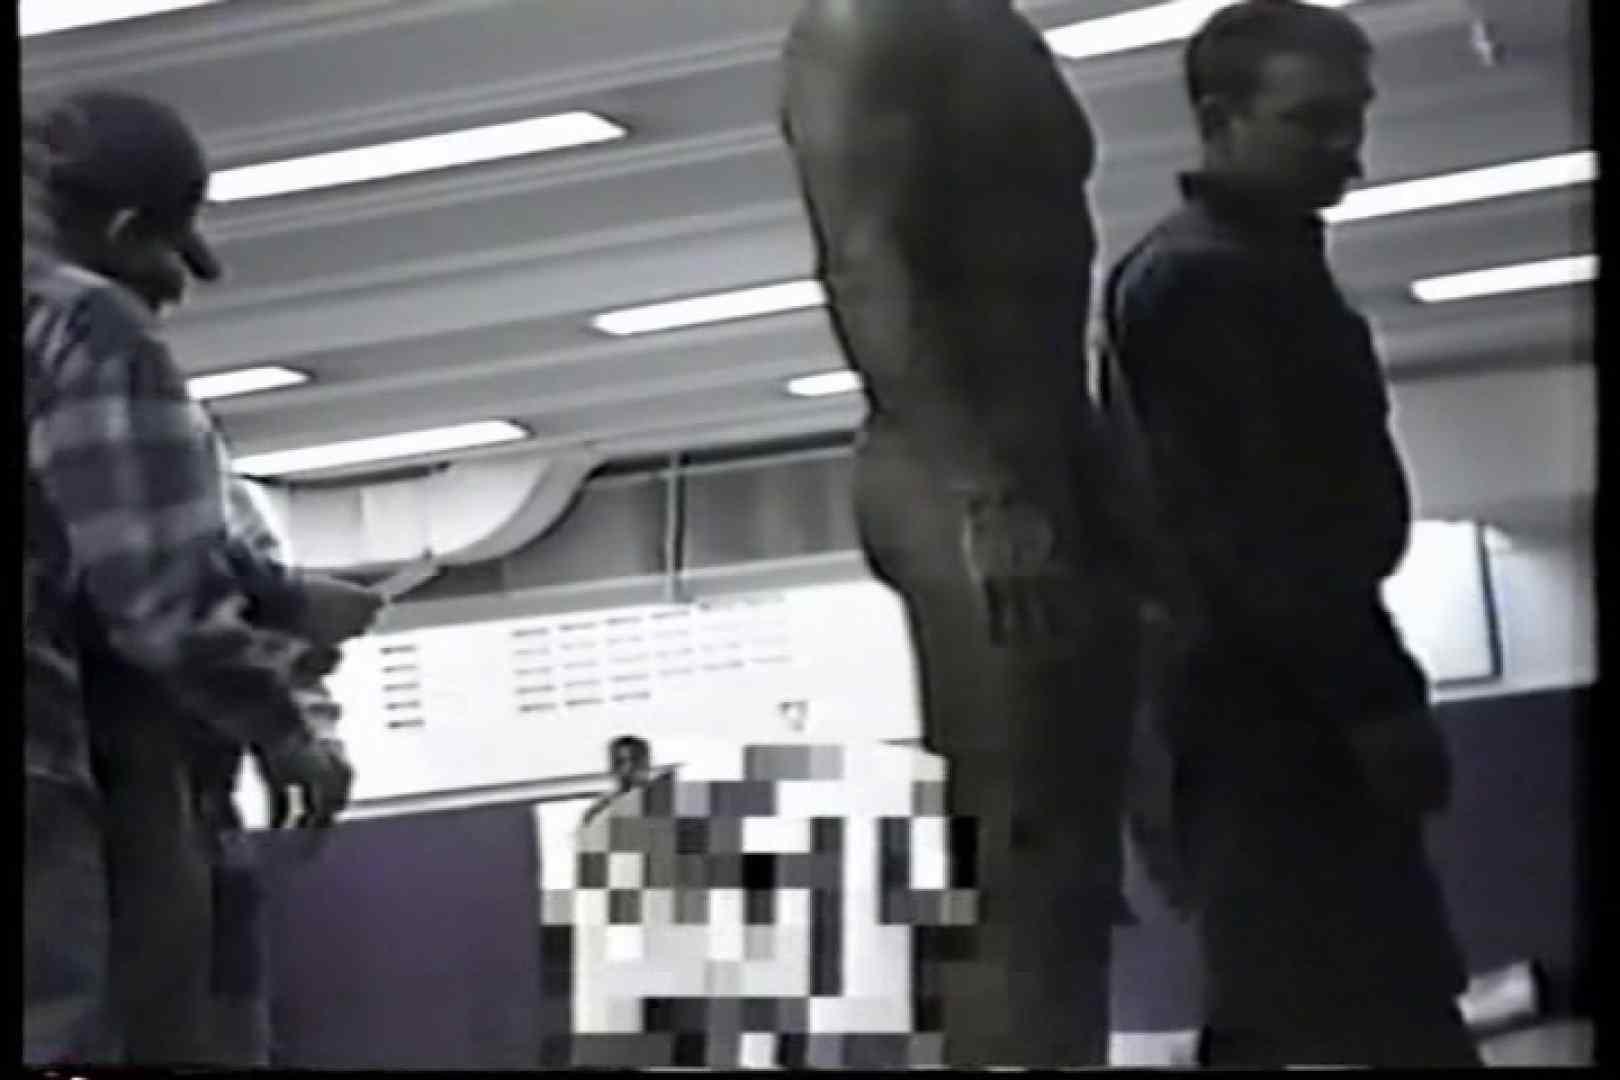 洋人さんの脱衣所を覗いてみました。VOL.1 覗きシーン ゲイえろ動画紹介 74枚 33